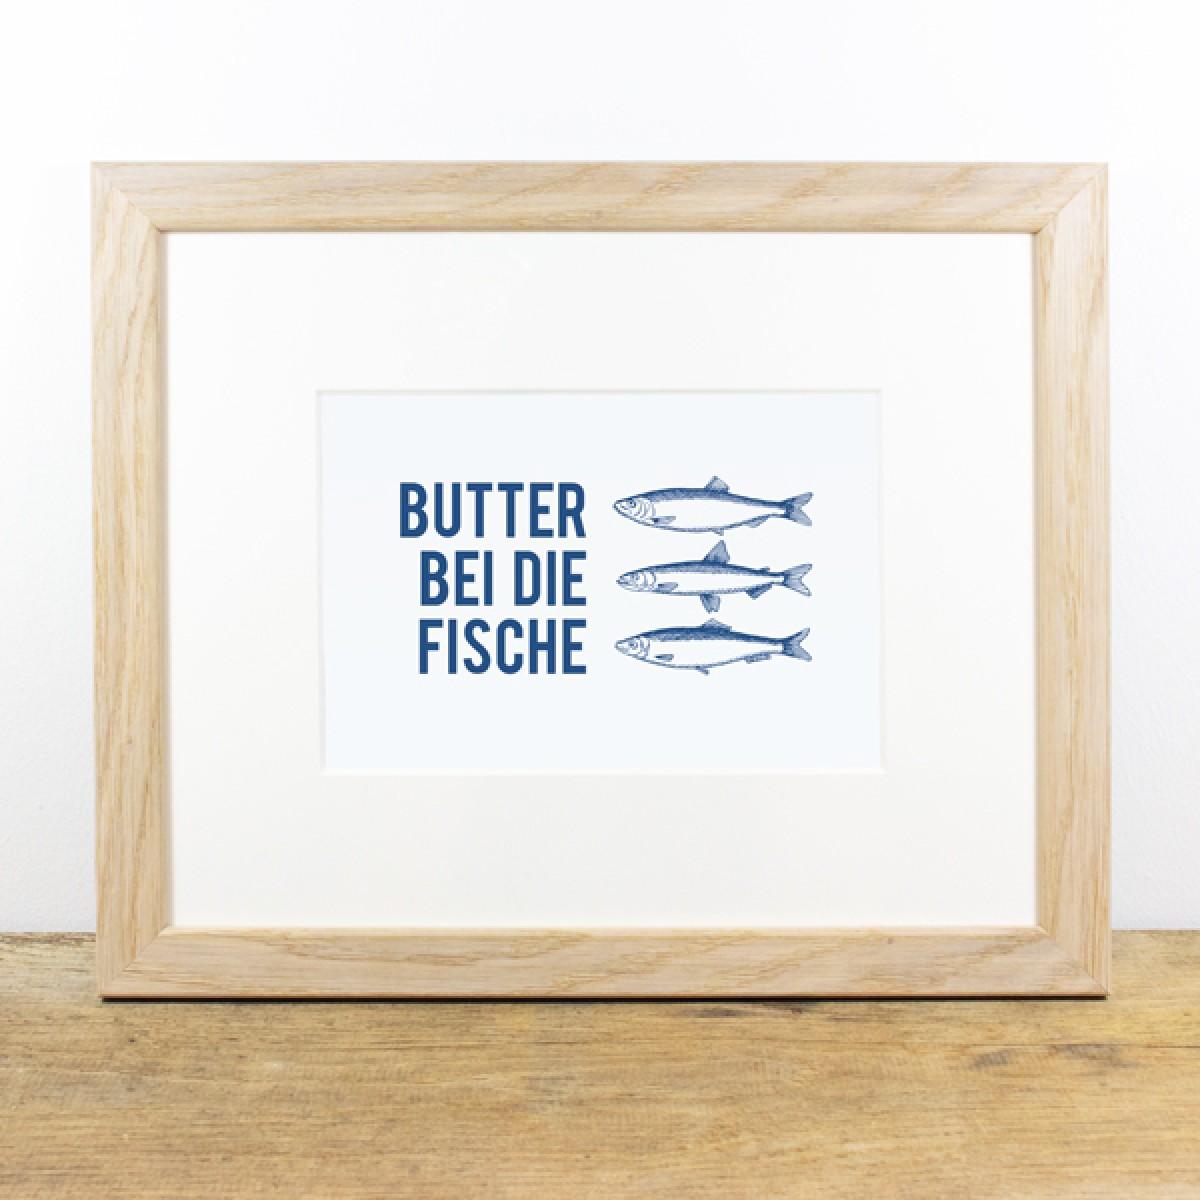 Bow & Hummingbird Bild mit Echtholzrahmen - Butter bei die Fische